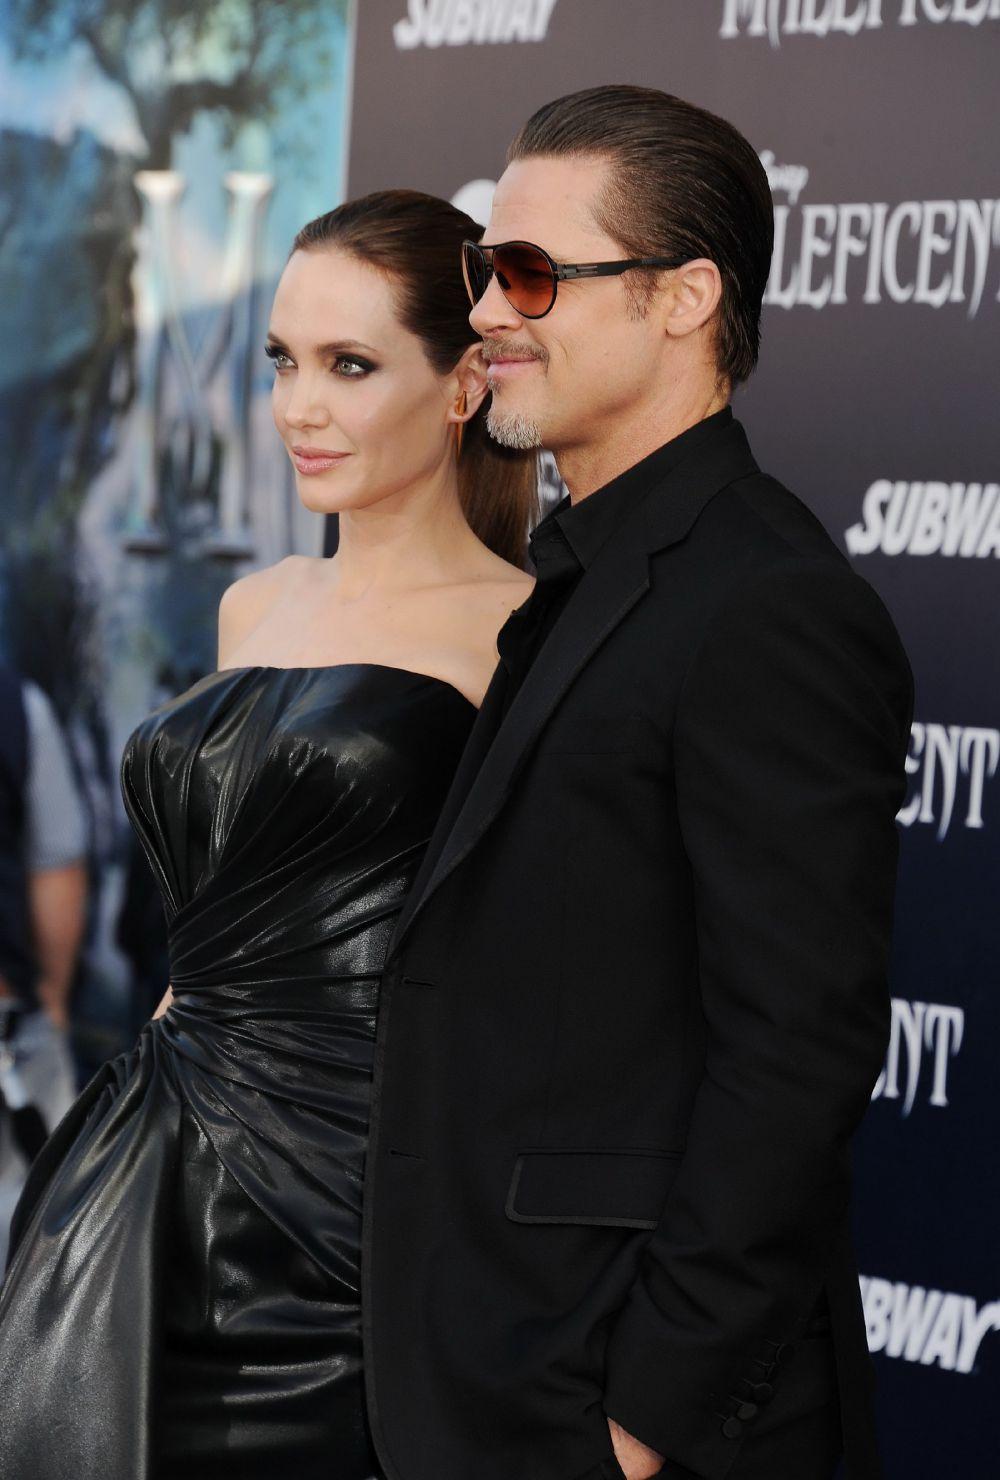 2014 год. Брэд Питт сопровождает Анджелину Джоли на премьере фильма «Малефисента»